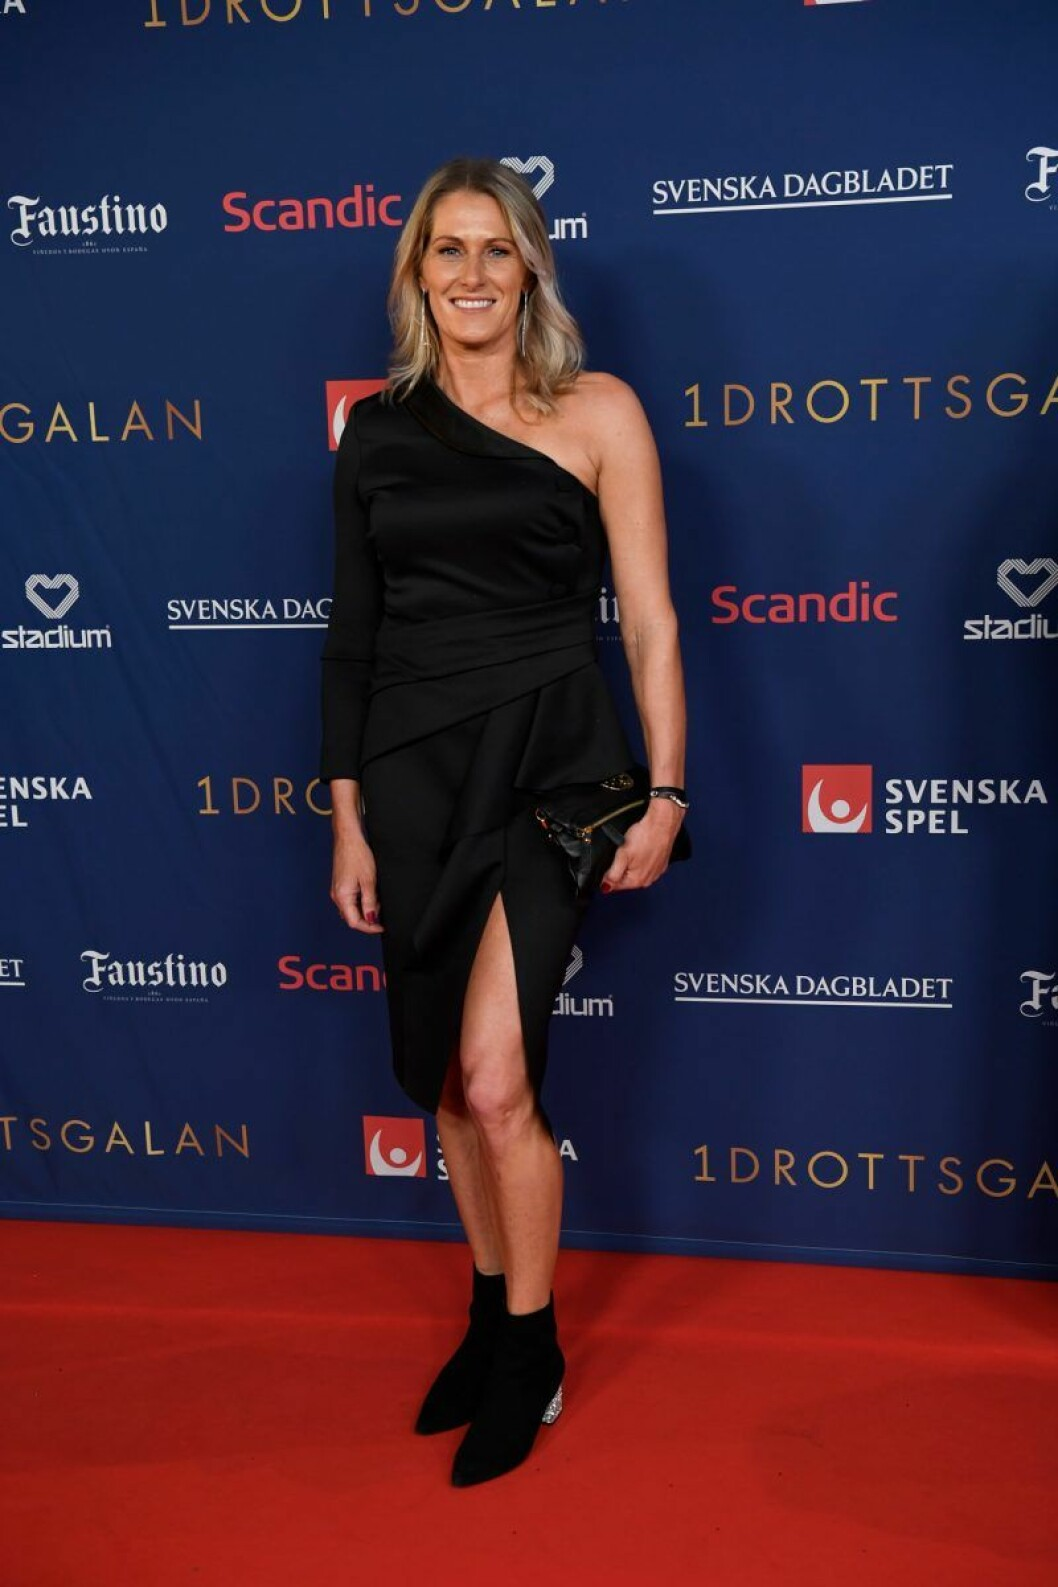 Erica Johansson på röda matta på Idrottsgalan 2020